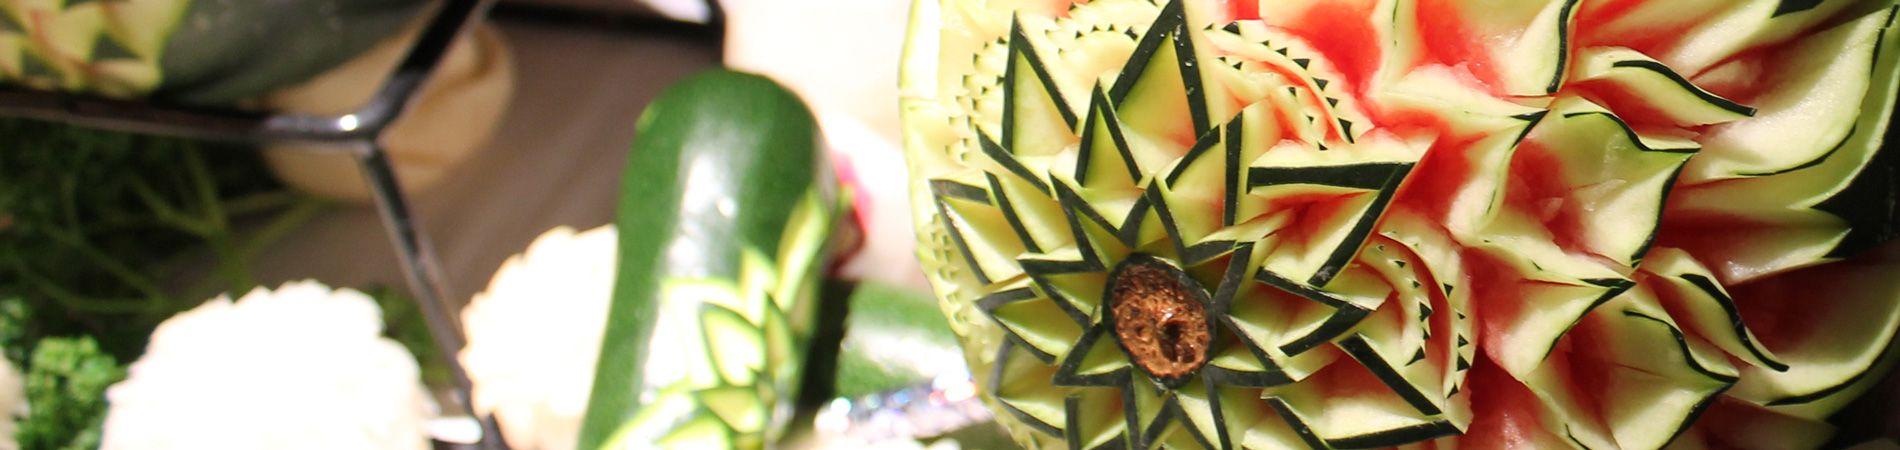 La sculpture sur fruits et légumes aux Grands buffets